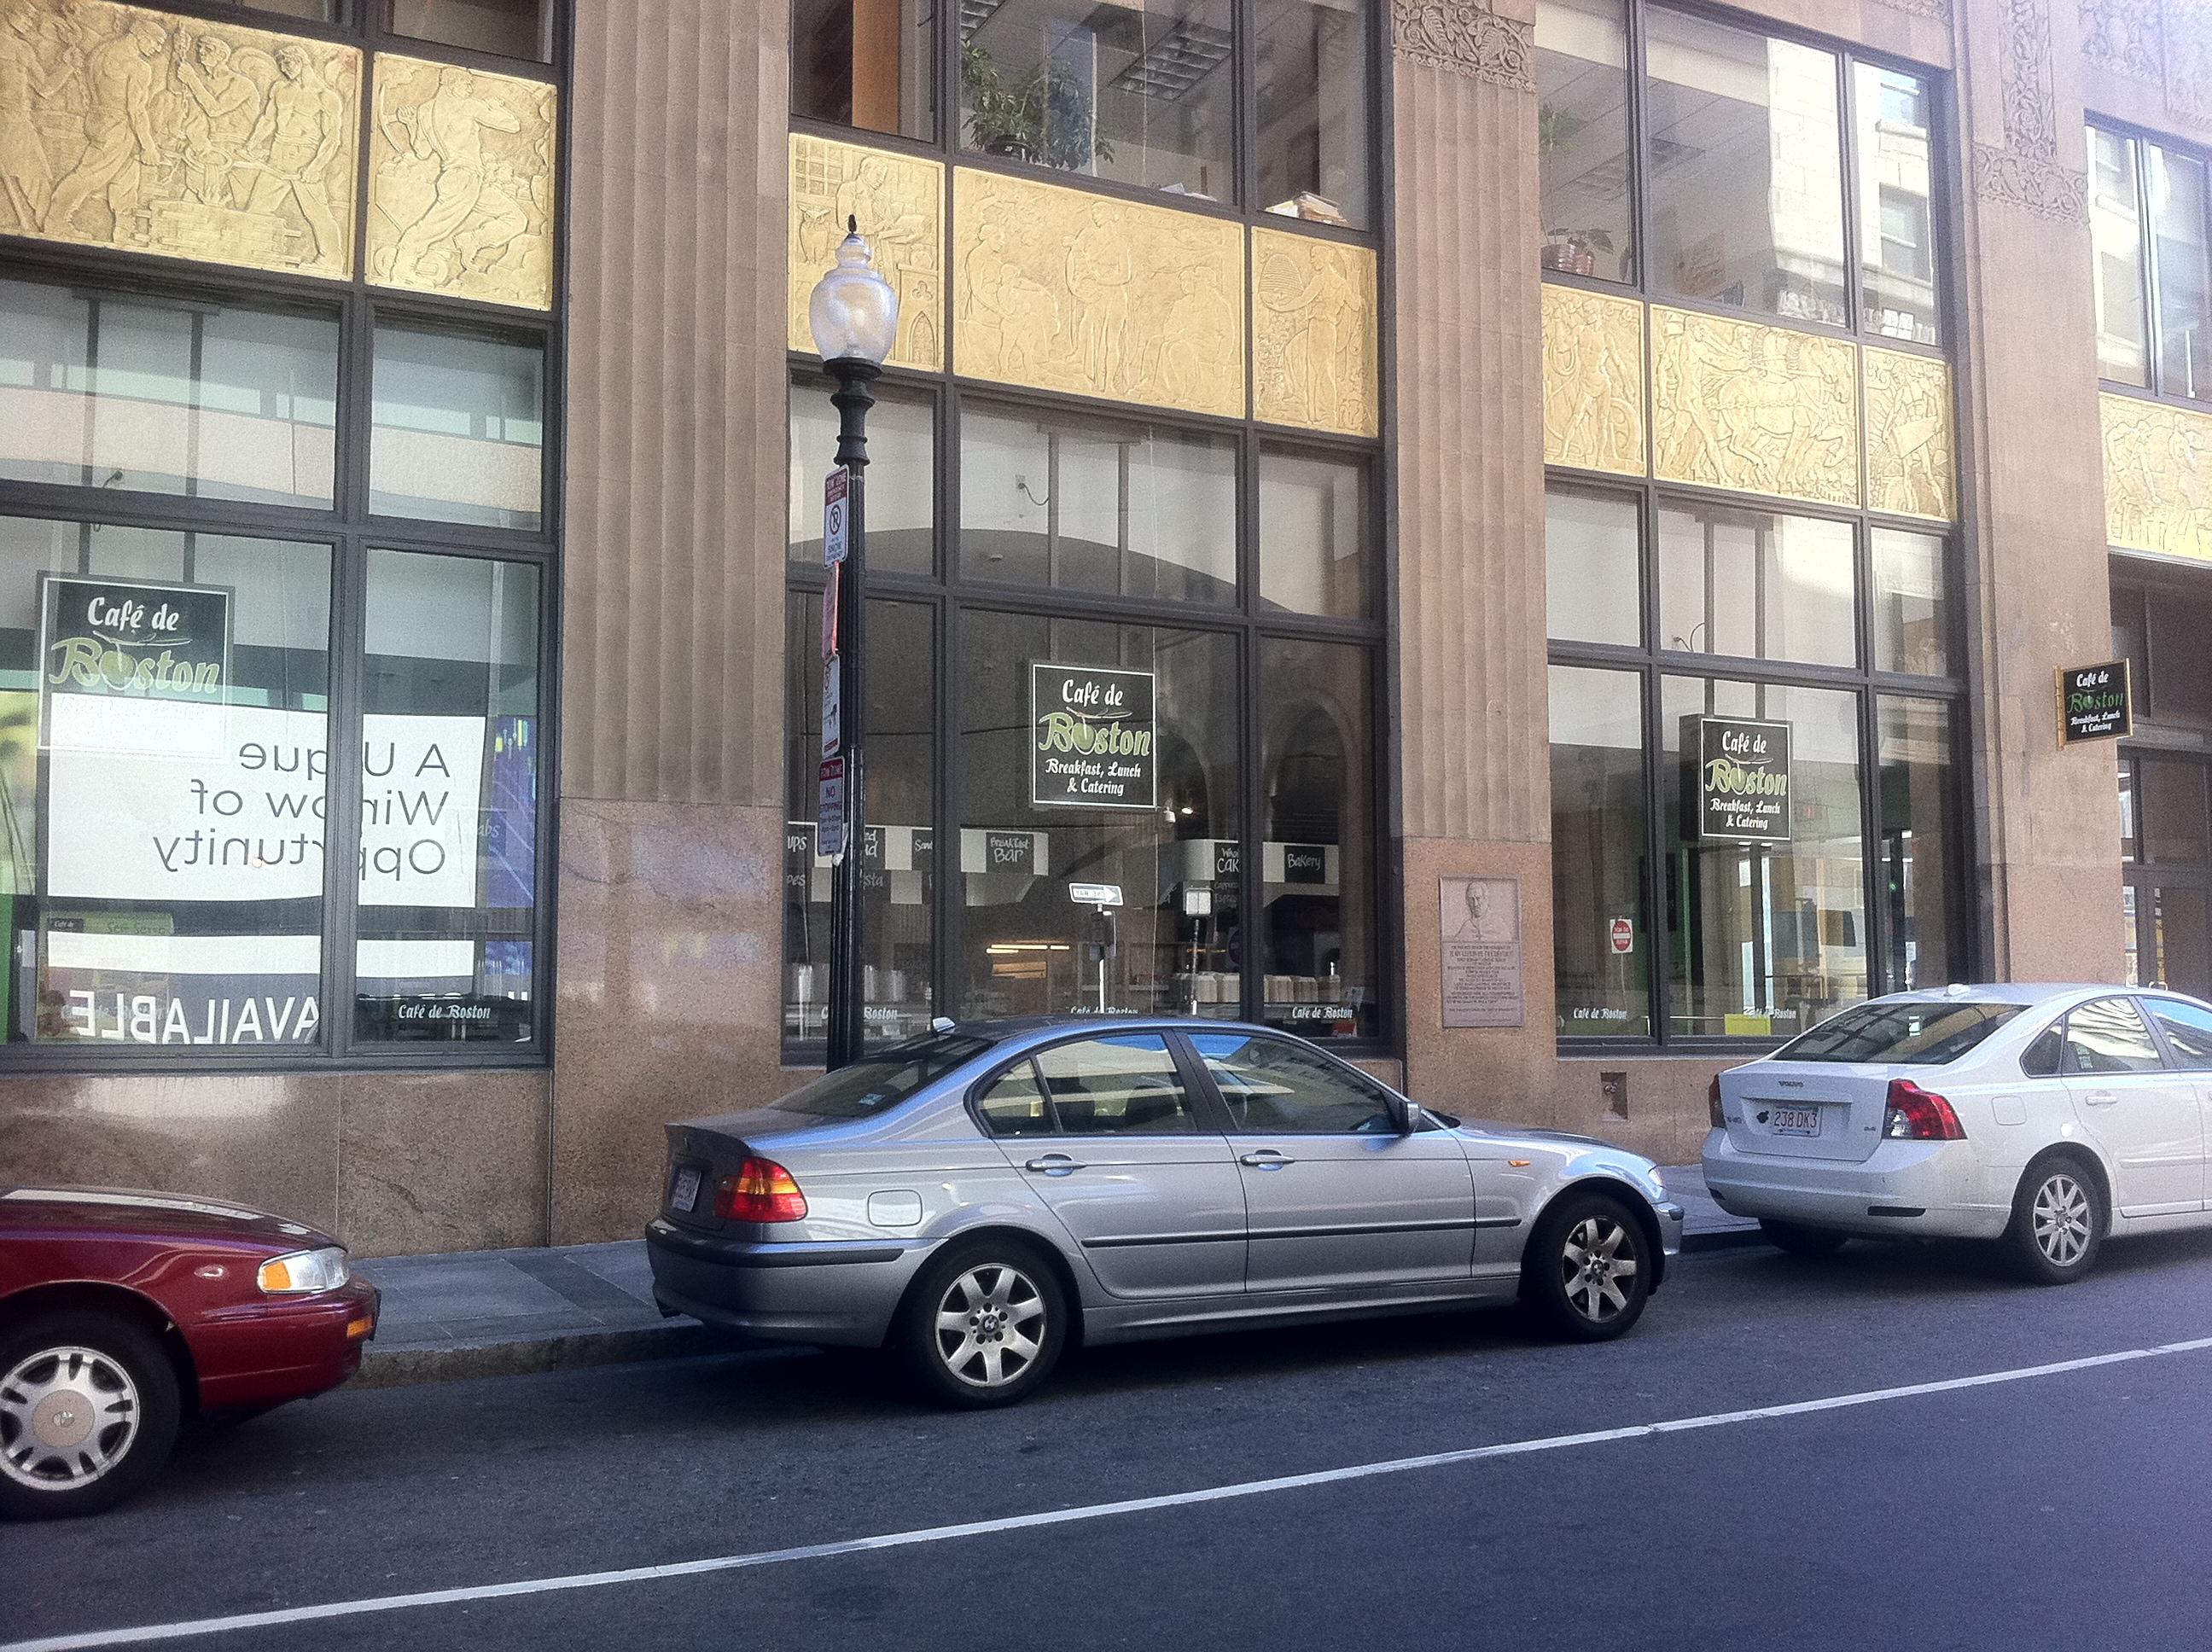 Cafe De Boston Lightbox & Blade Sign